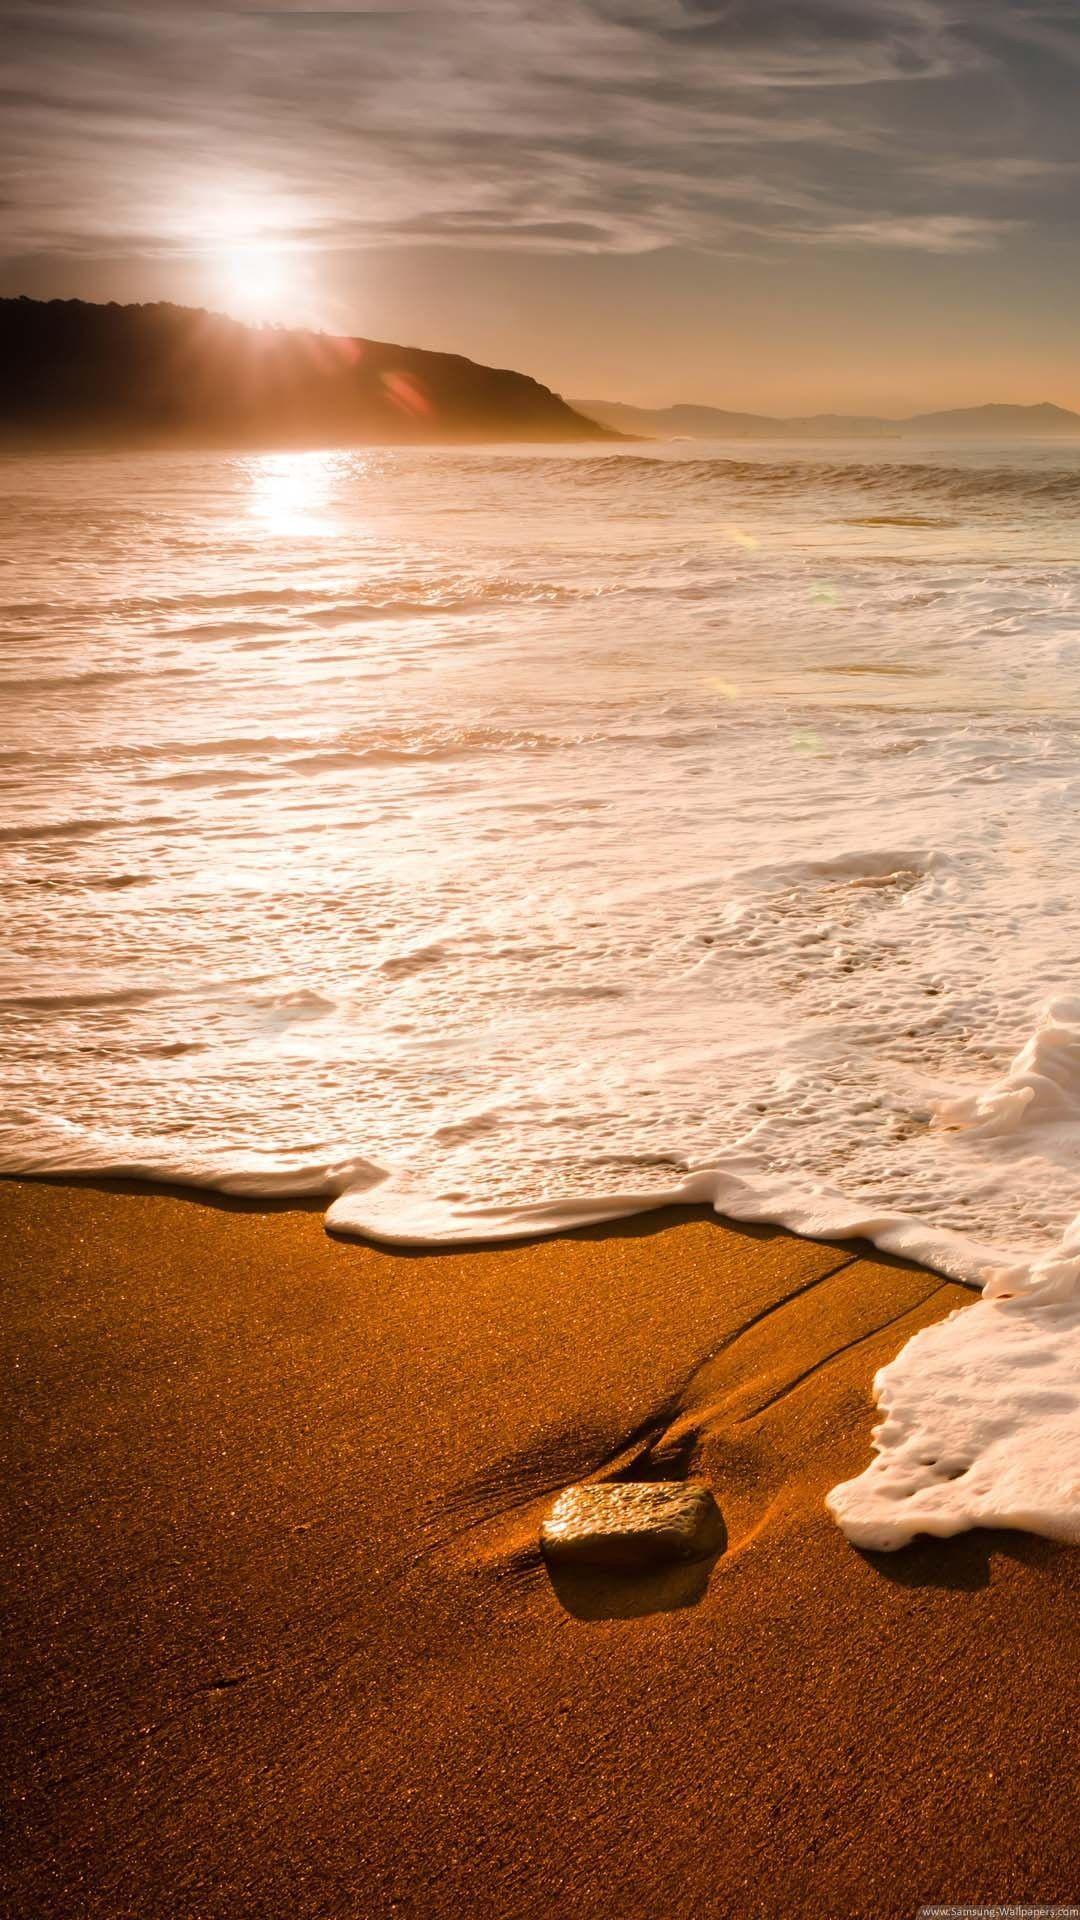 Beach Wave wallpaper | 1920x1200 | #3952